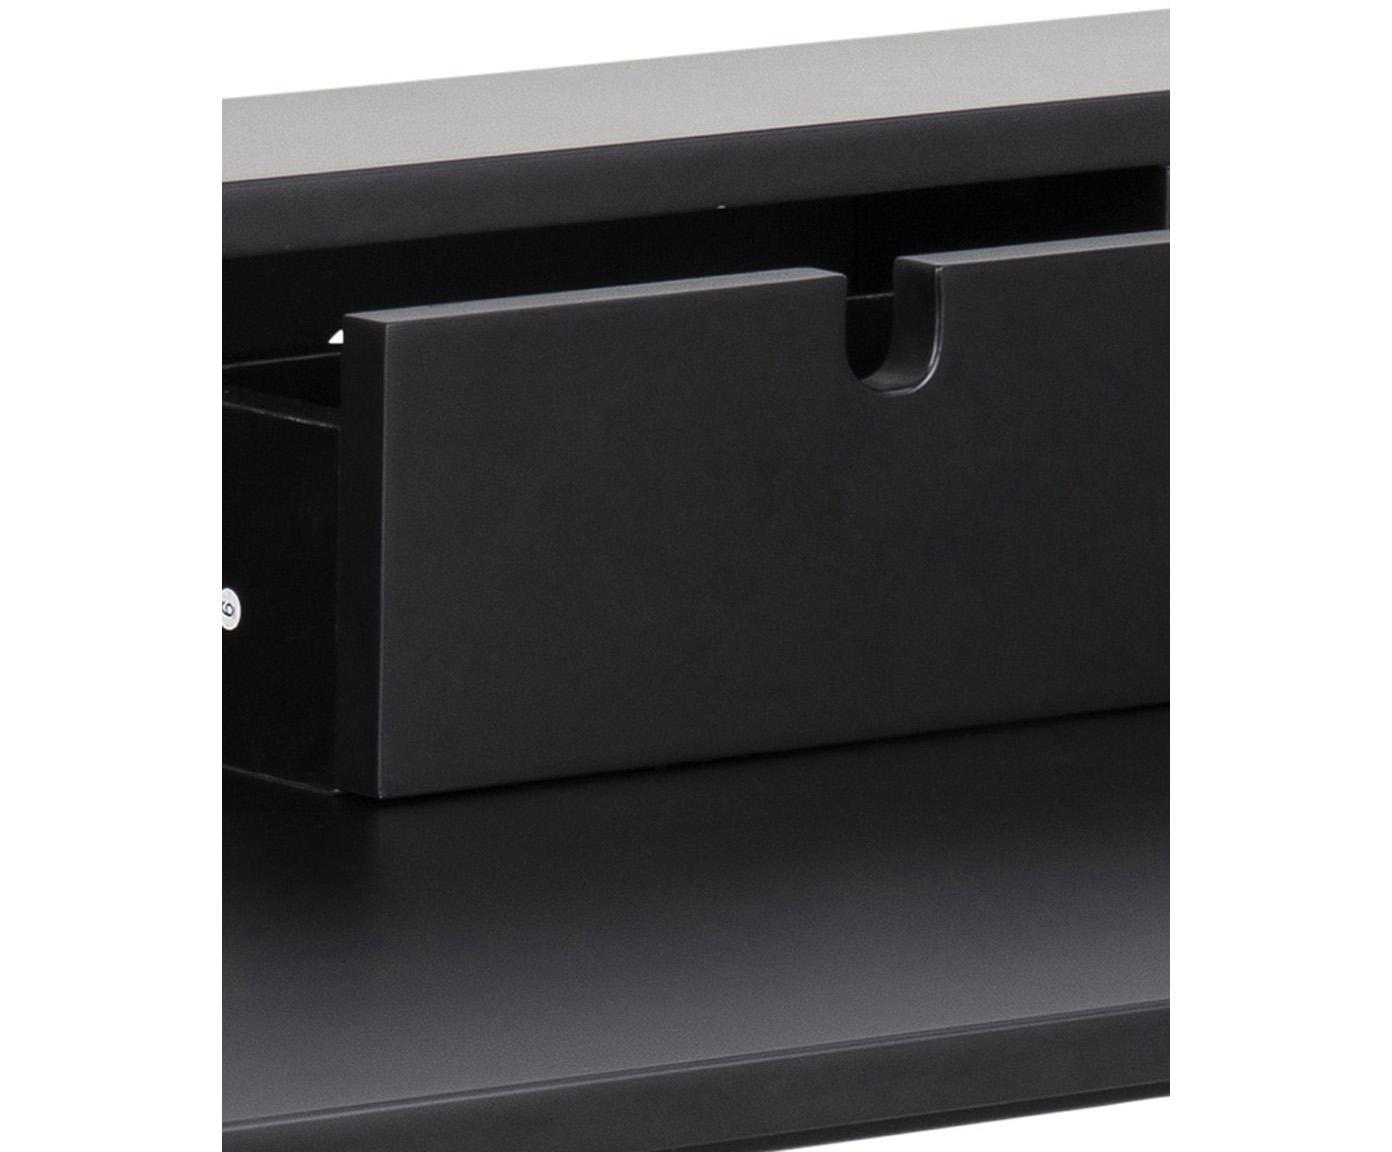 Scrivania con cassetto Pascal, Gambe: metallo, verniciato, Nero, Larg. 100 x Prof. 55 cm